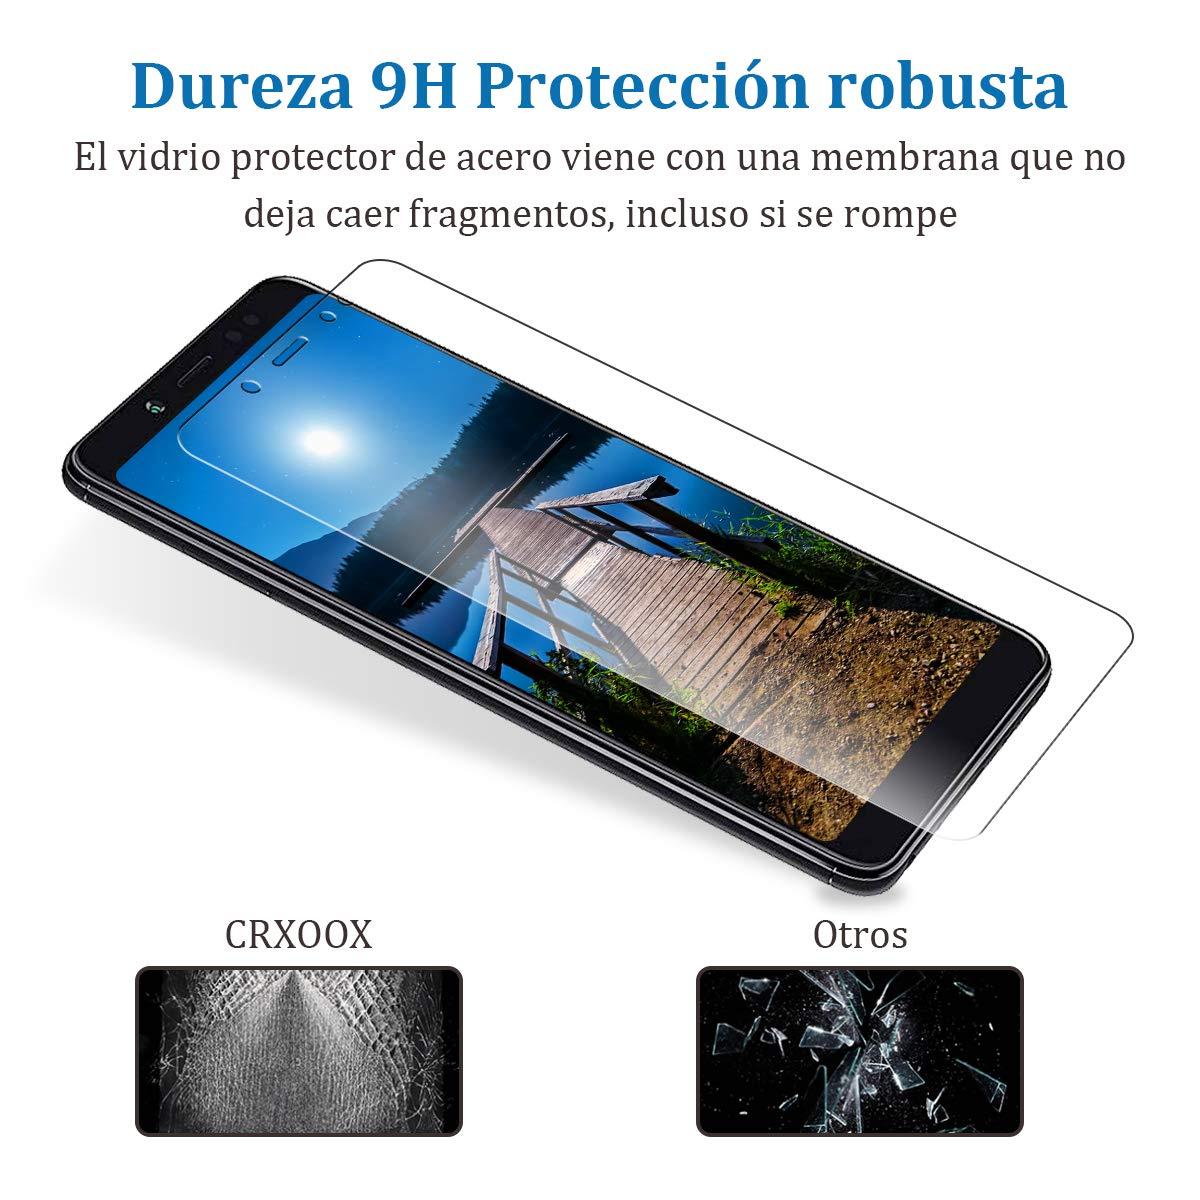 CRXOOX 3-Pack Cristal Vidrio Templado para Xiaomi Redmi Note 5, Transparente Protector de Pantalla, Explosiones Resistente, Sin Burbujas, Anti Dactilares, ...